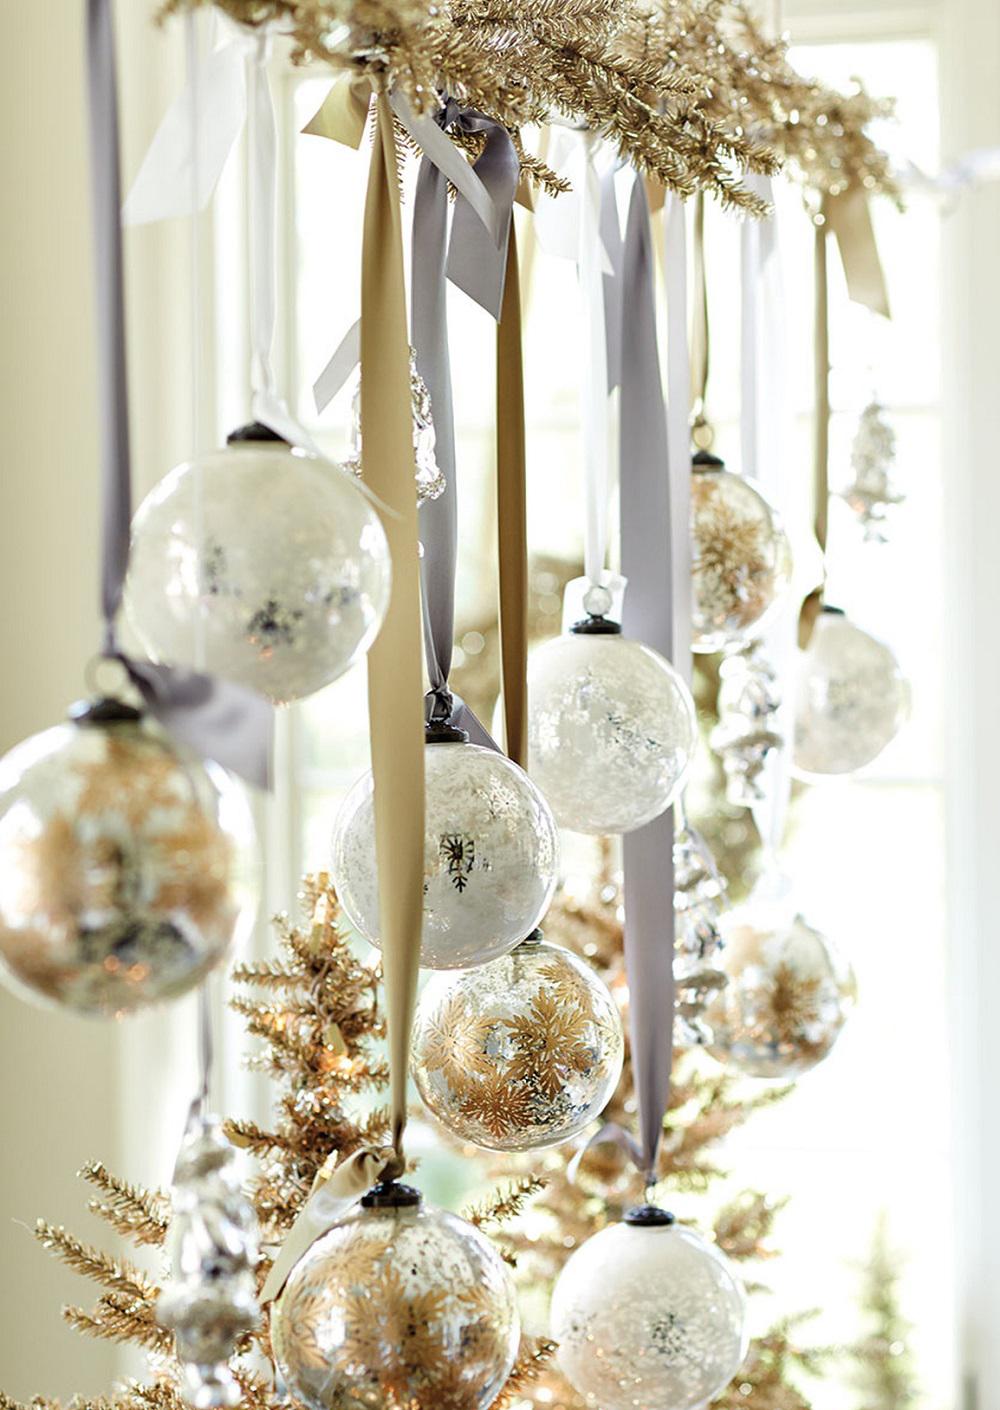 Елочные шарики и веточки для украшения комнаты